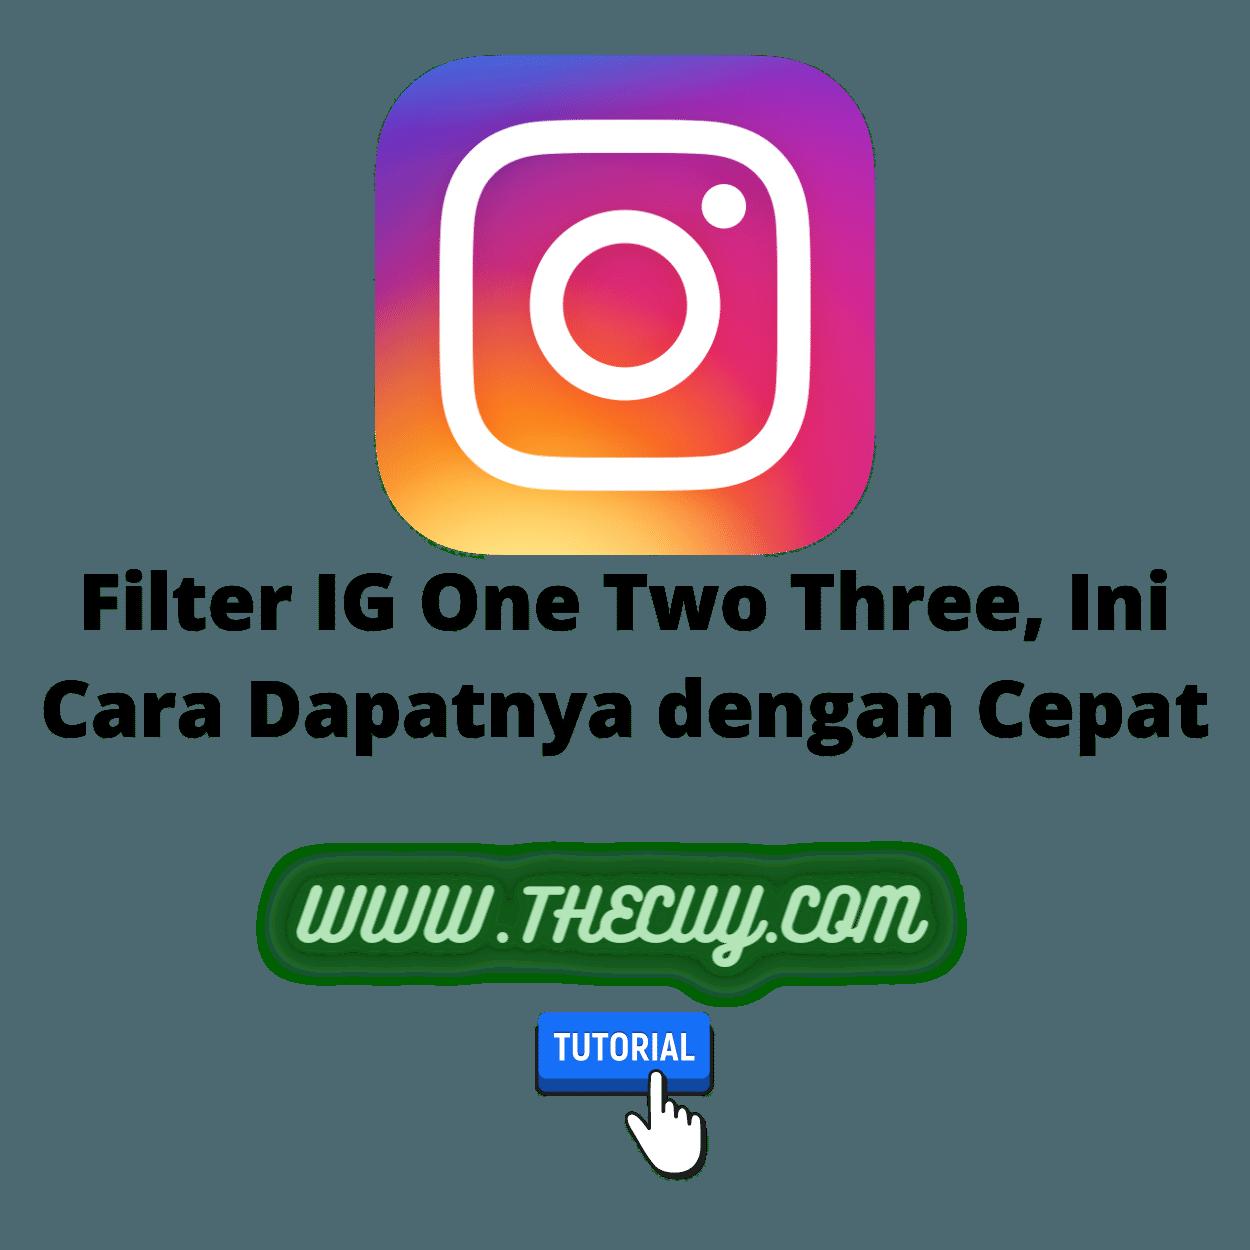 Filter IG One Two Three, Ini Cara Dapatnya dengan Cepat